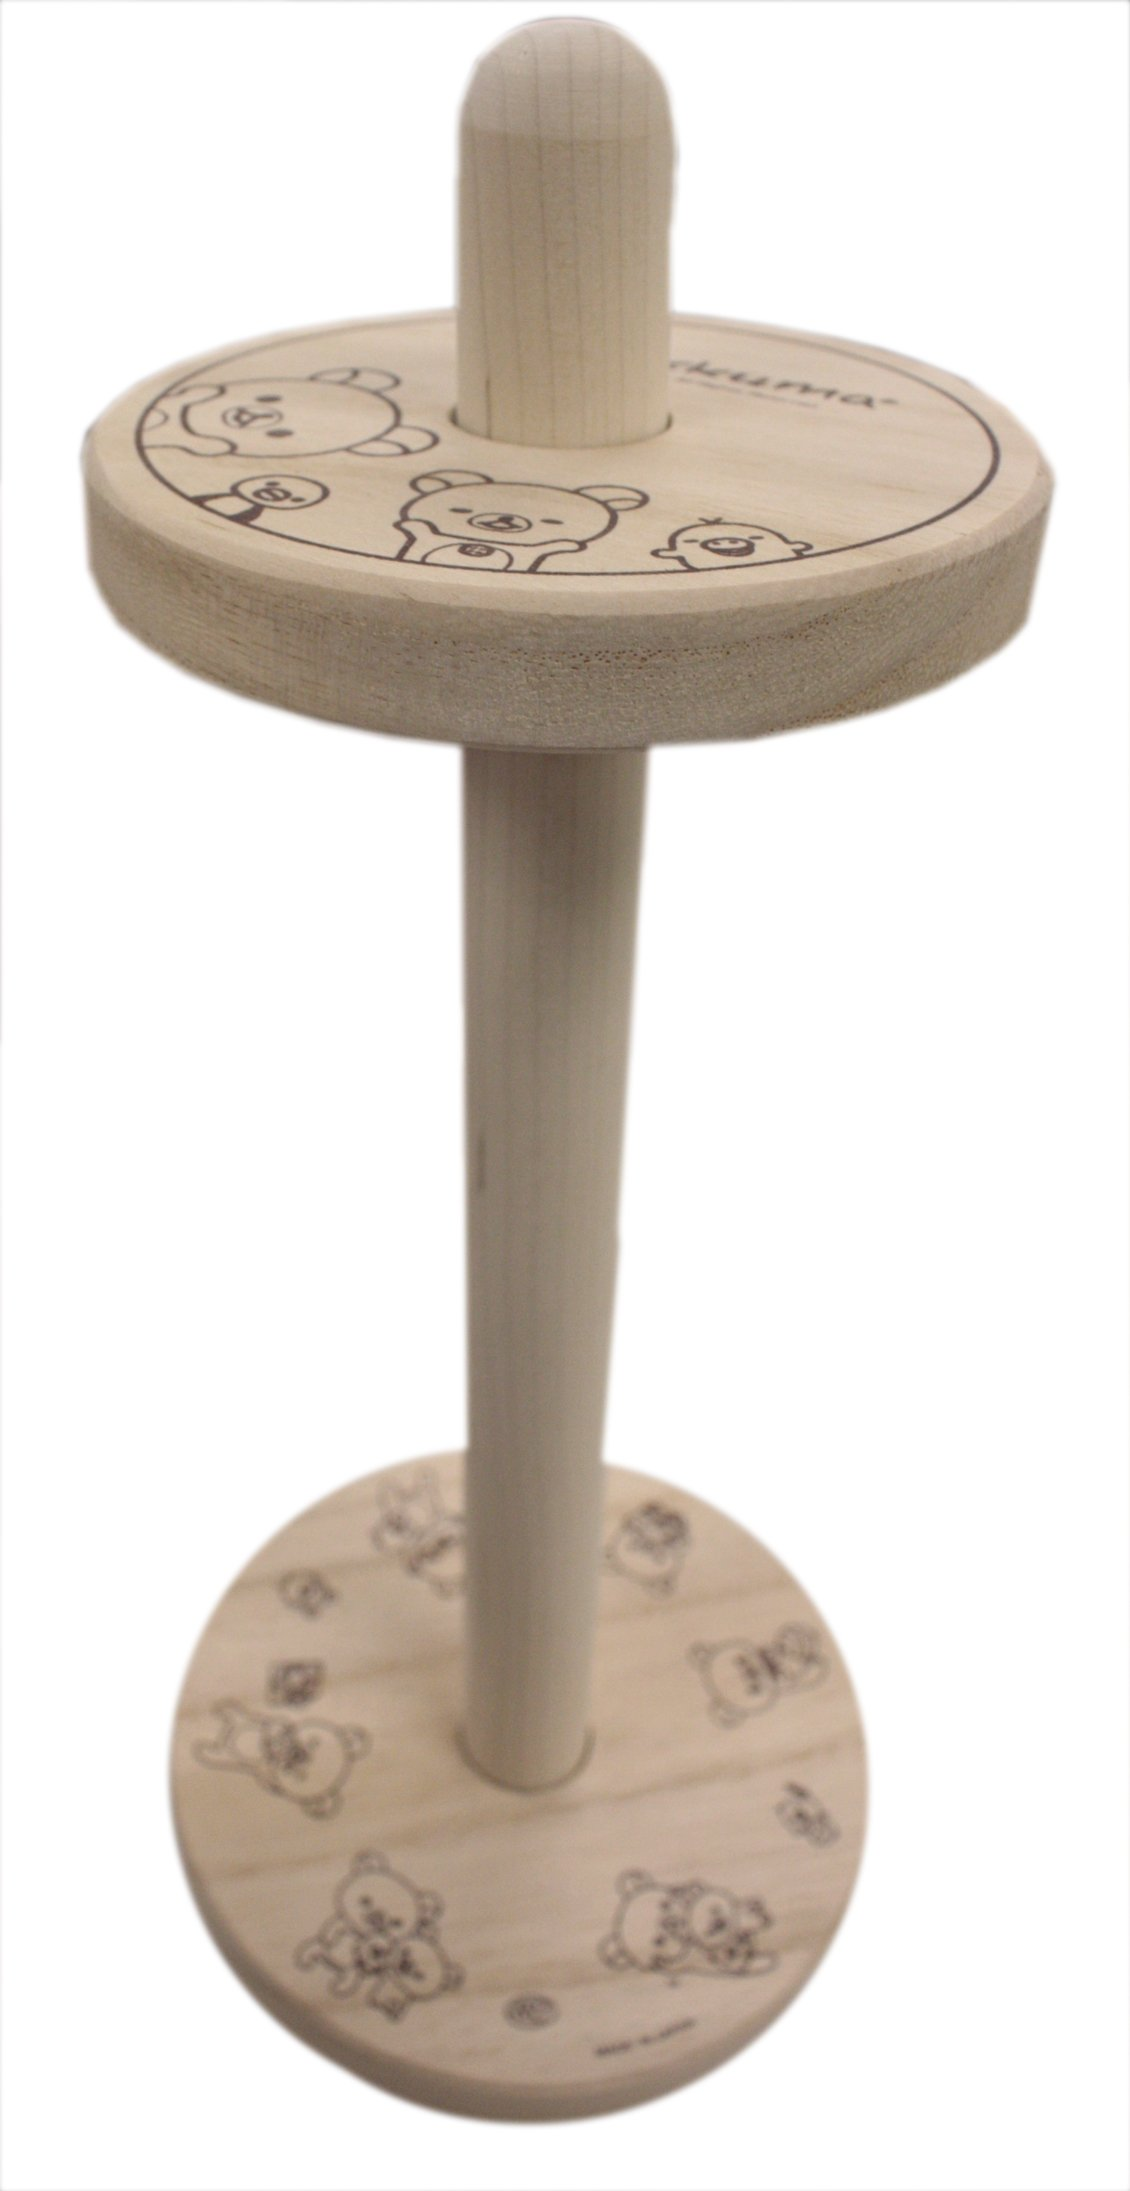 RK / I kitchen paper holder (japan import)